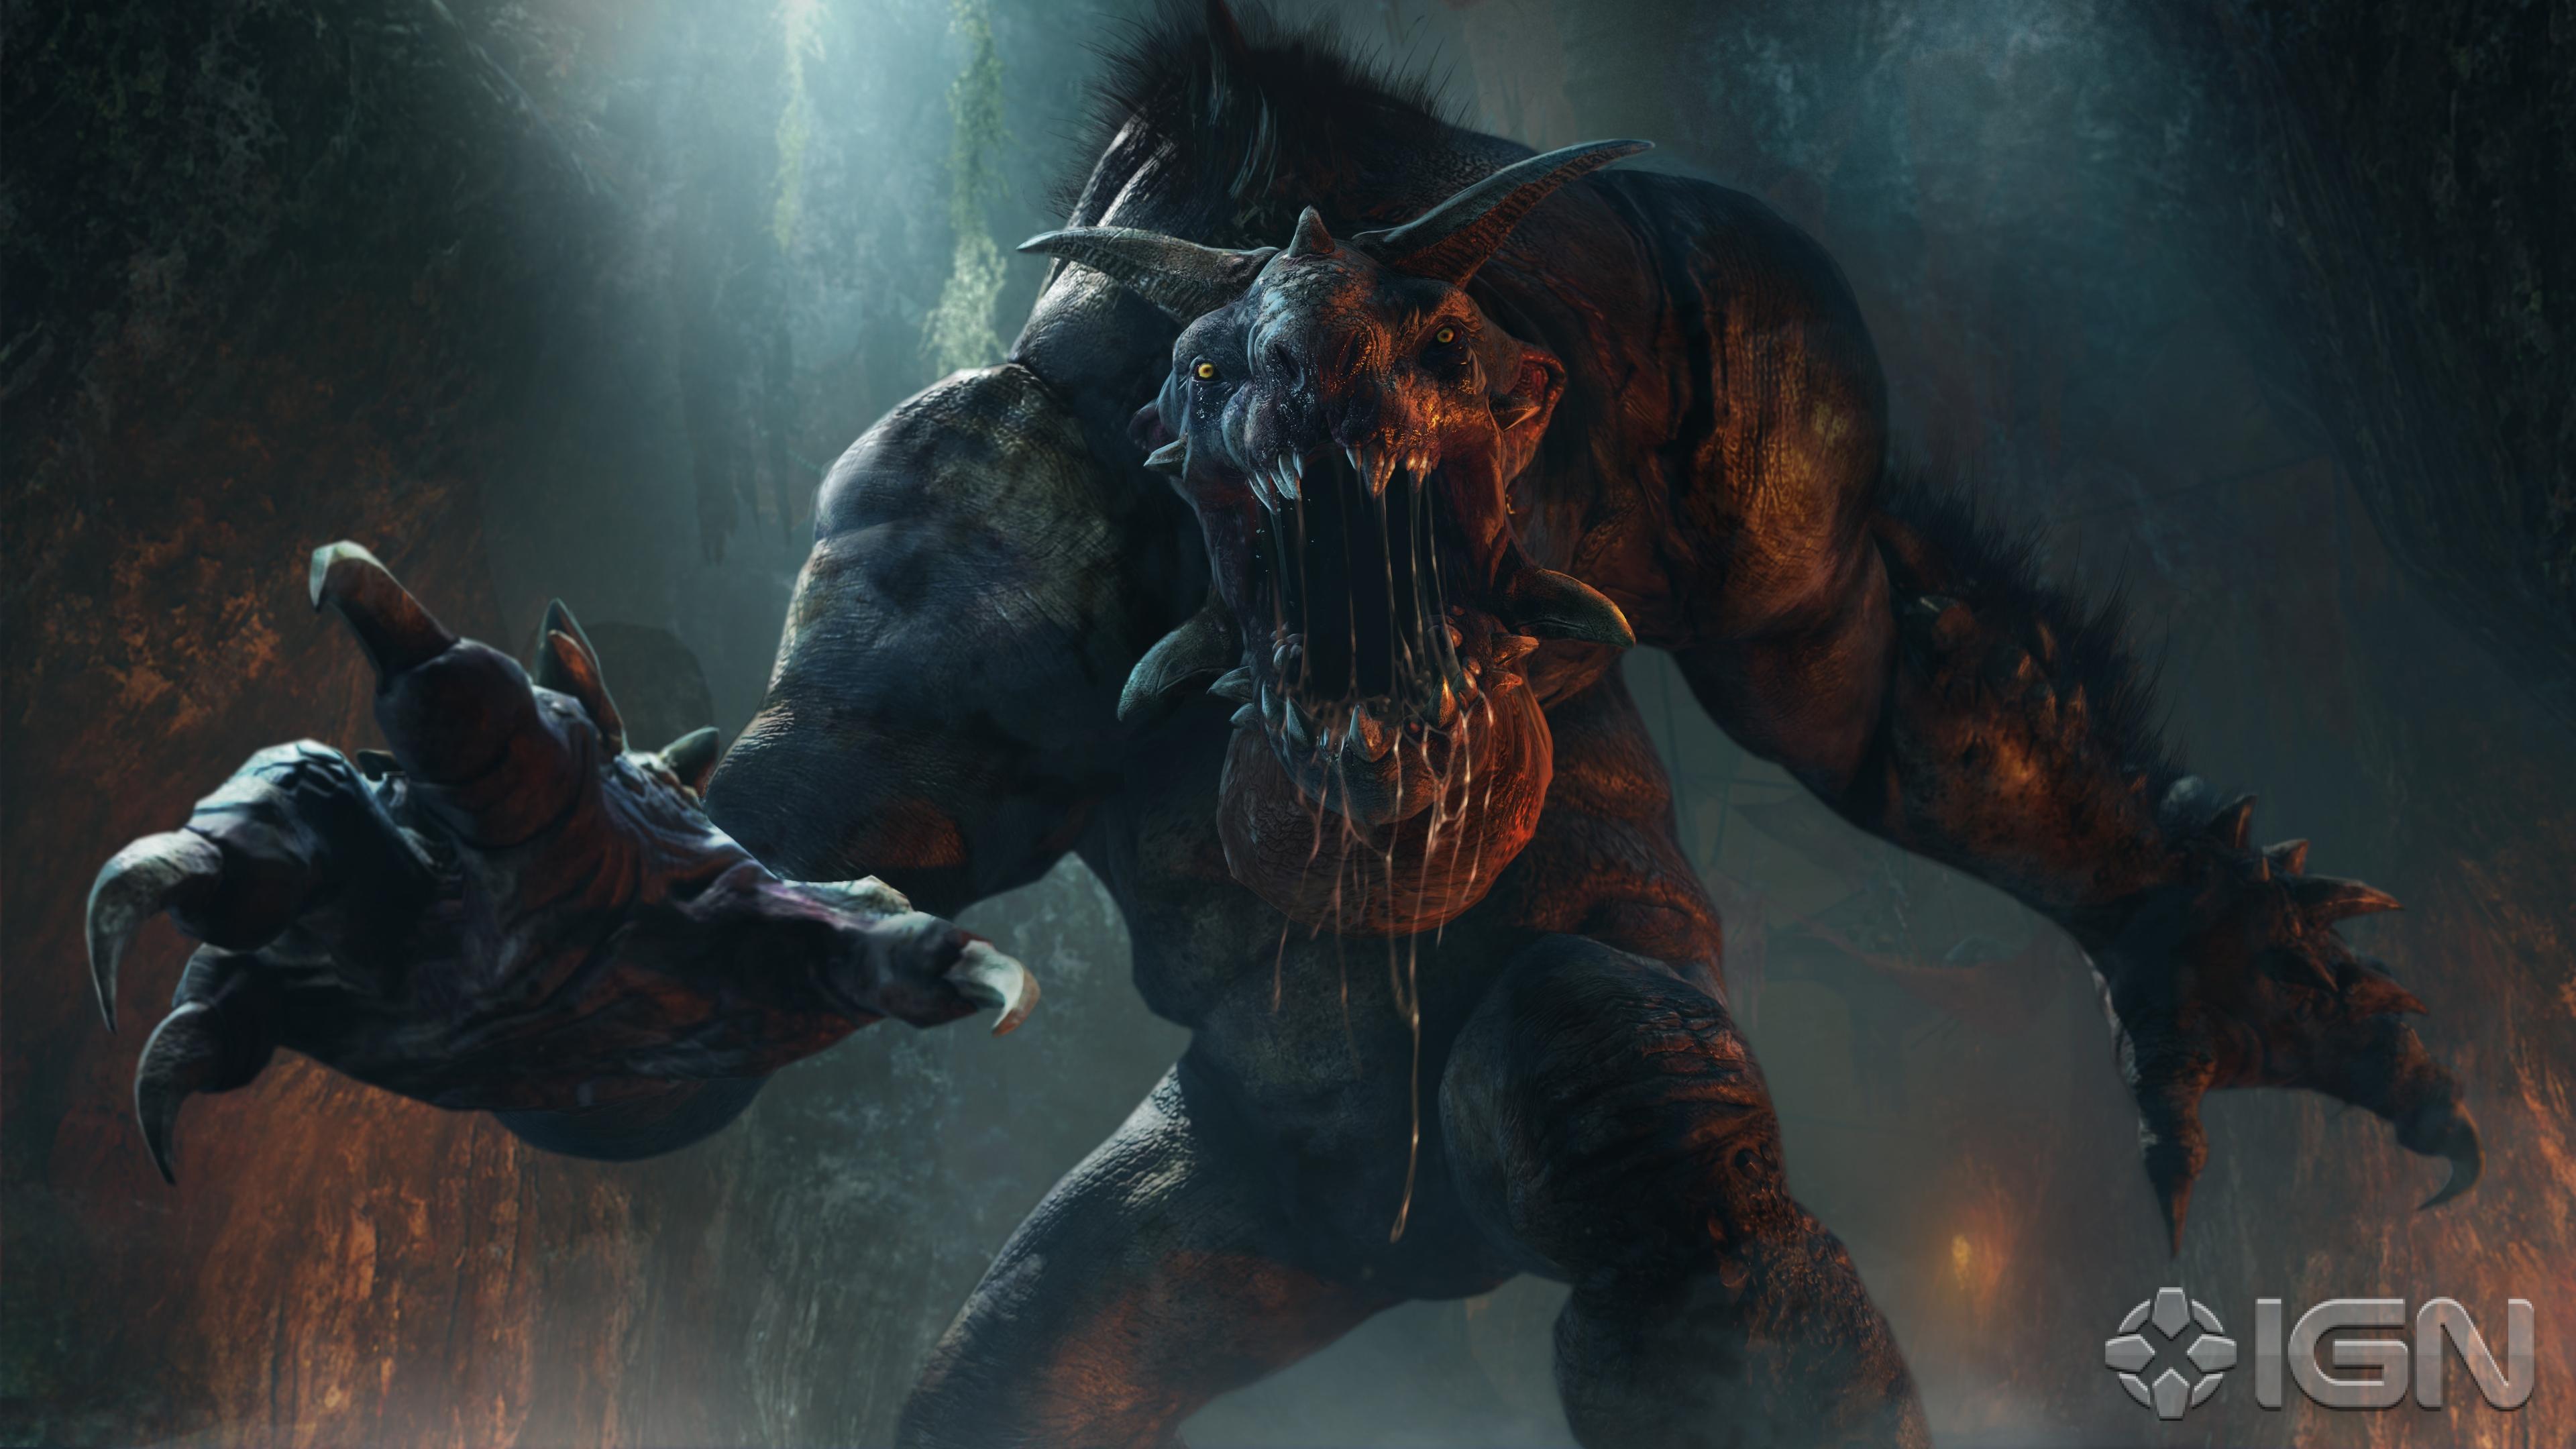 Připravte se na lov v DLC pro Middle-earth: Shadow of Mordor 101815